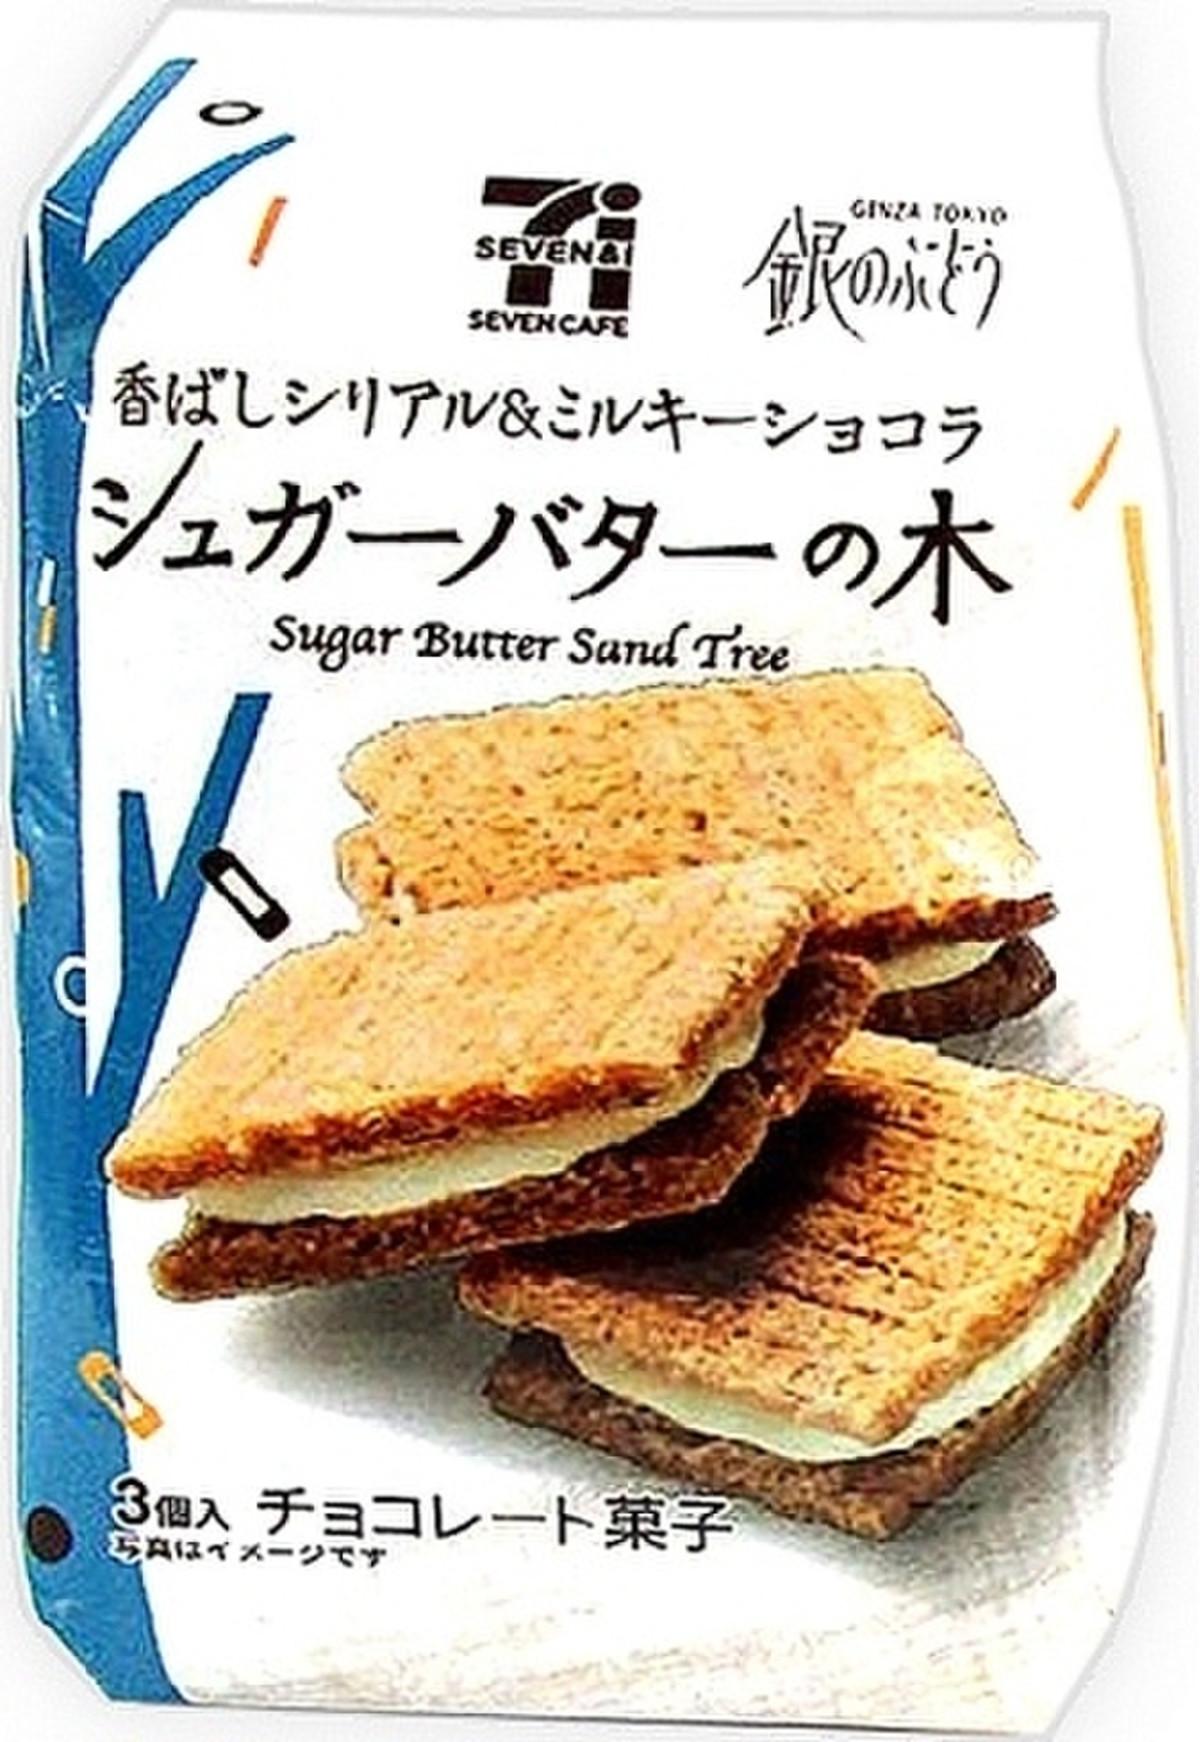 の 木 バター シュガー